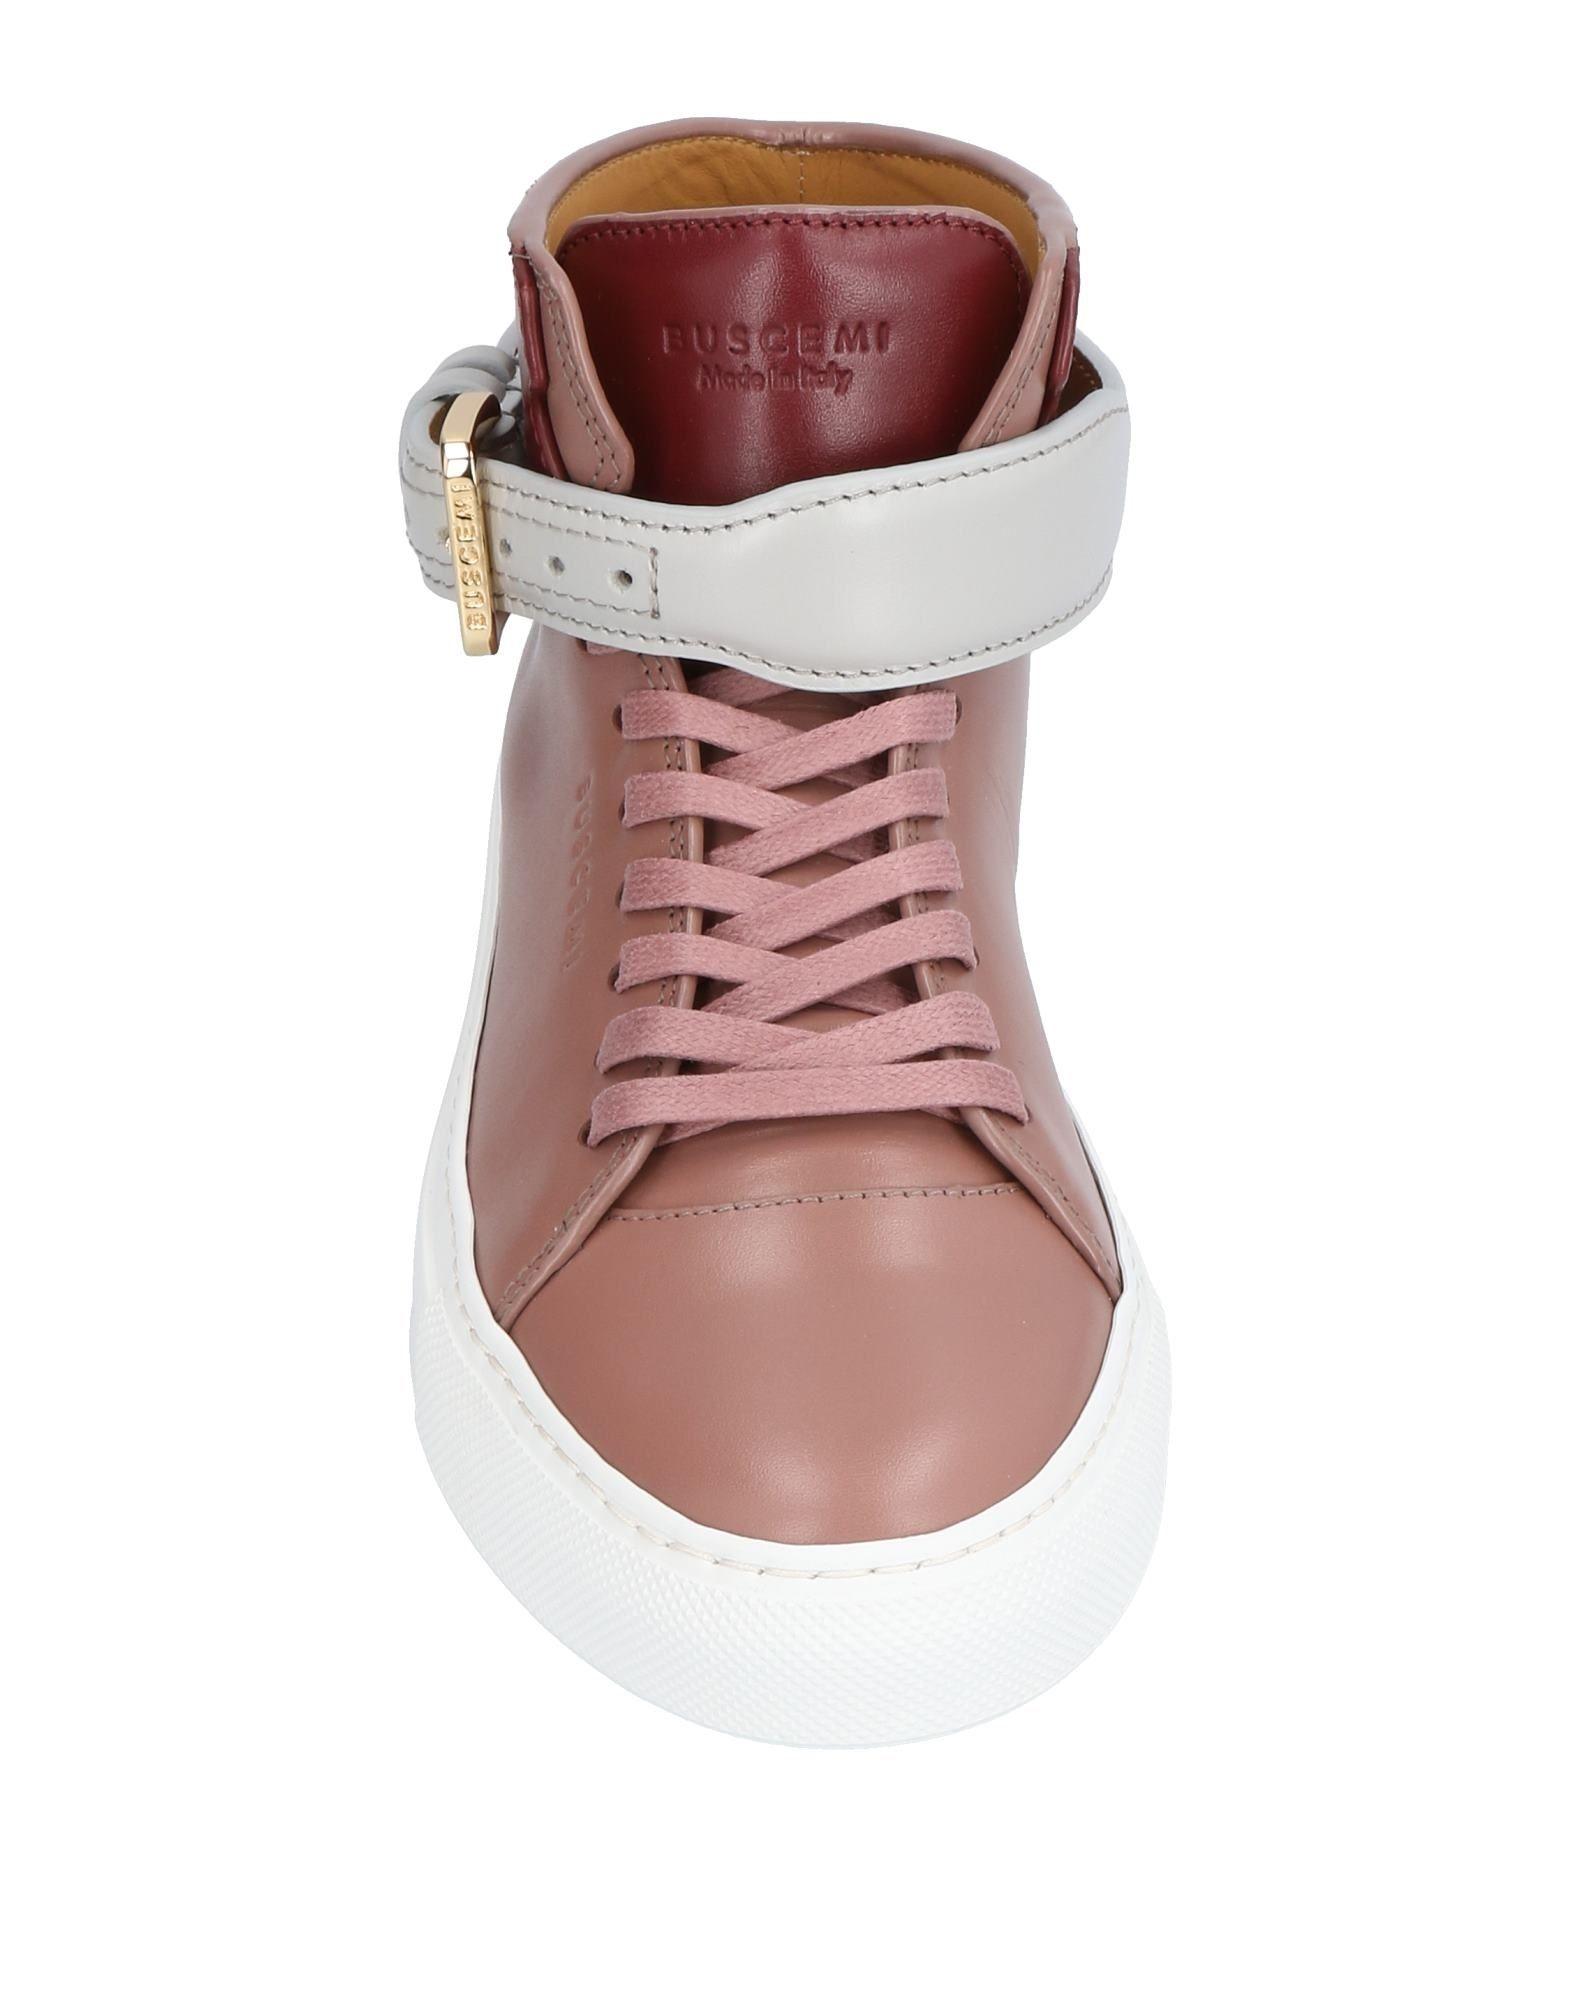 Buscemi Sneakers Damen gut  11473108ILGünstige gut Damen aussehende Schuhe 3d7d85